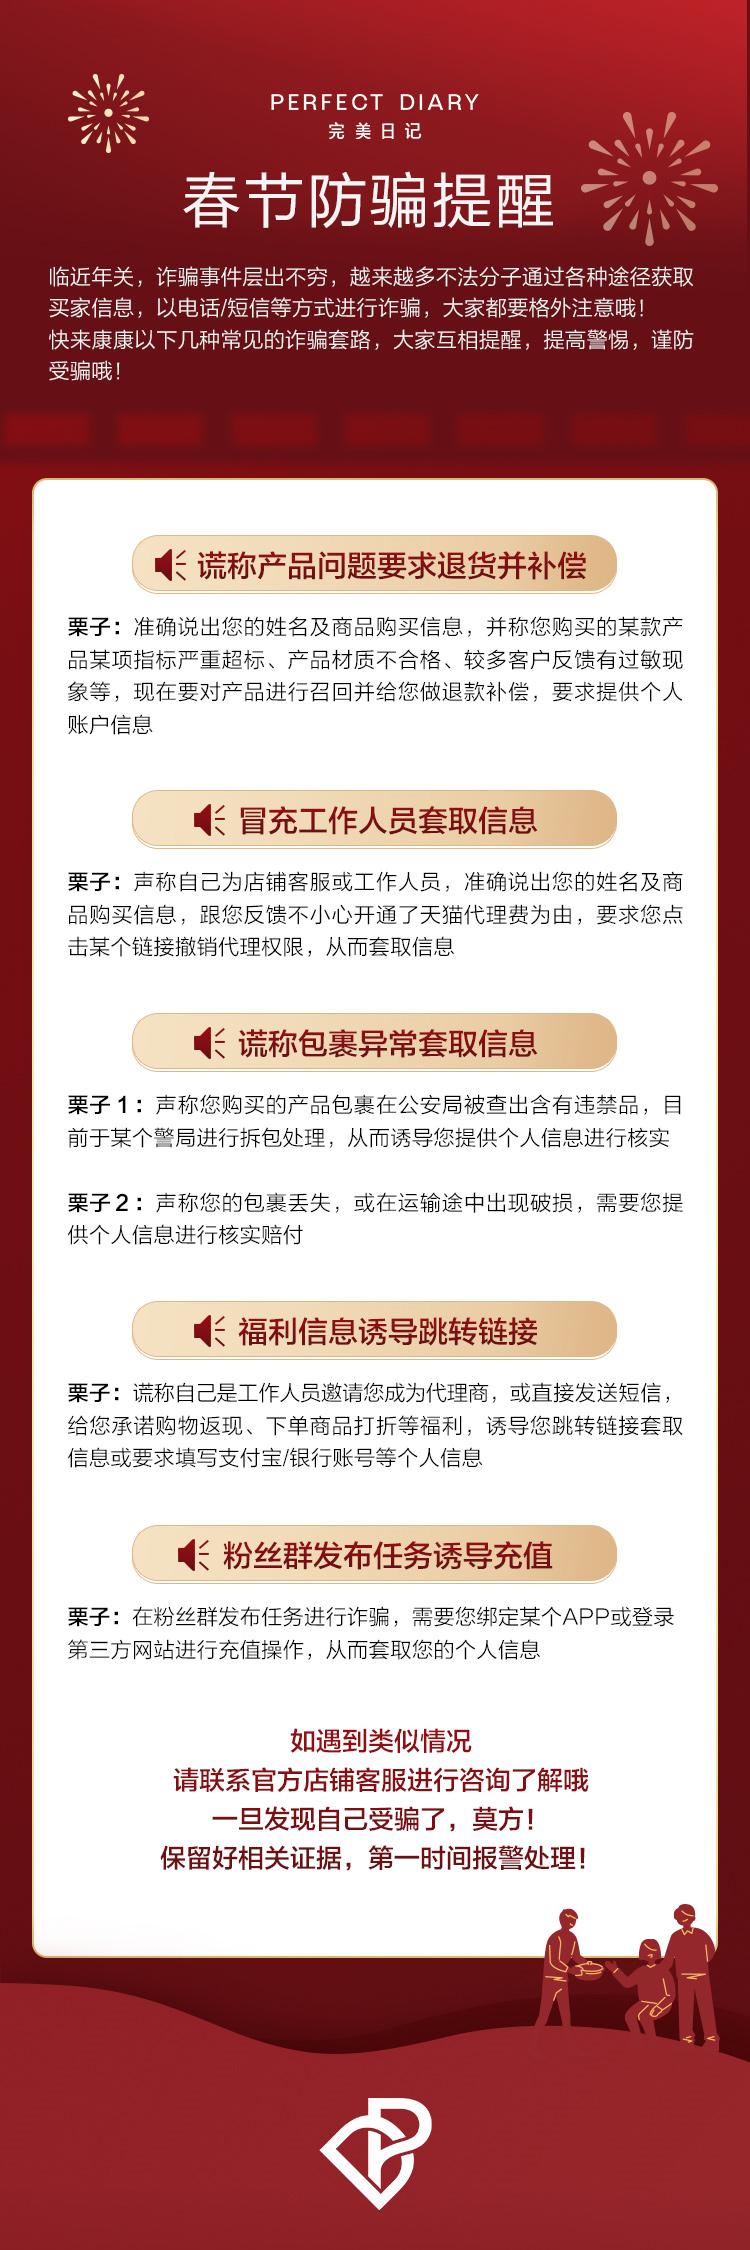 春节防诈骗-聚美.jpg